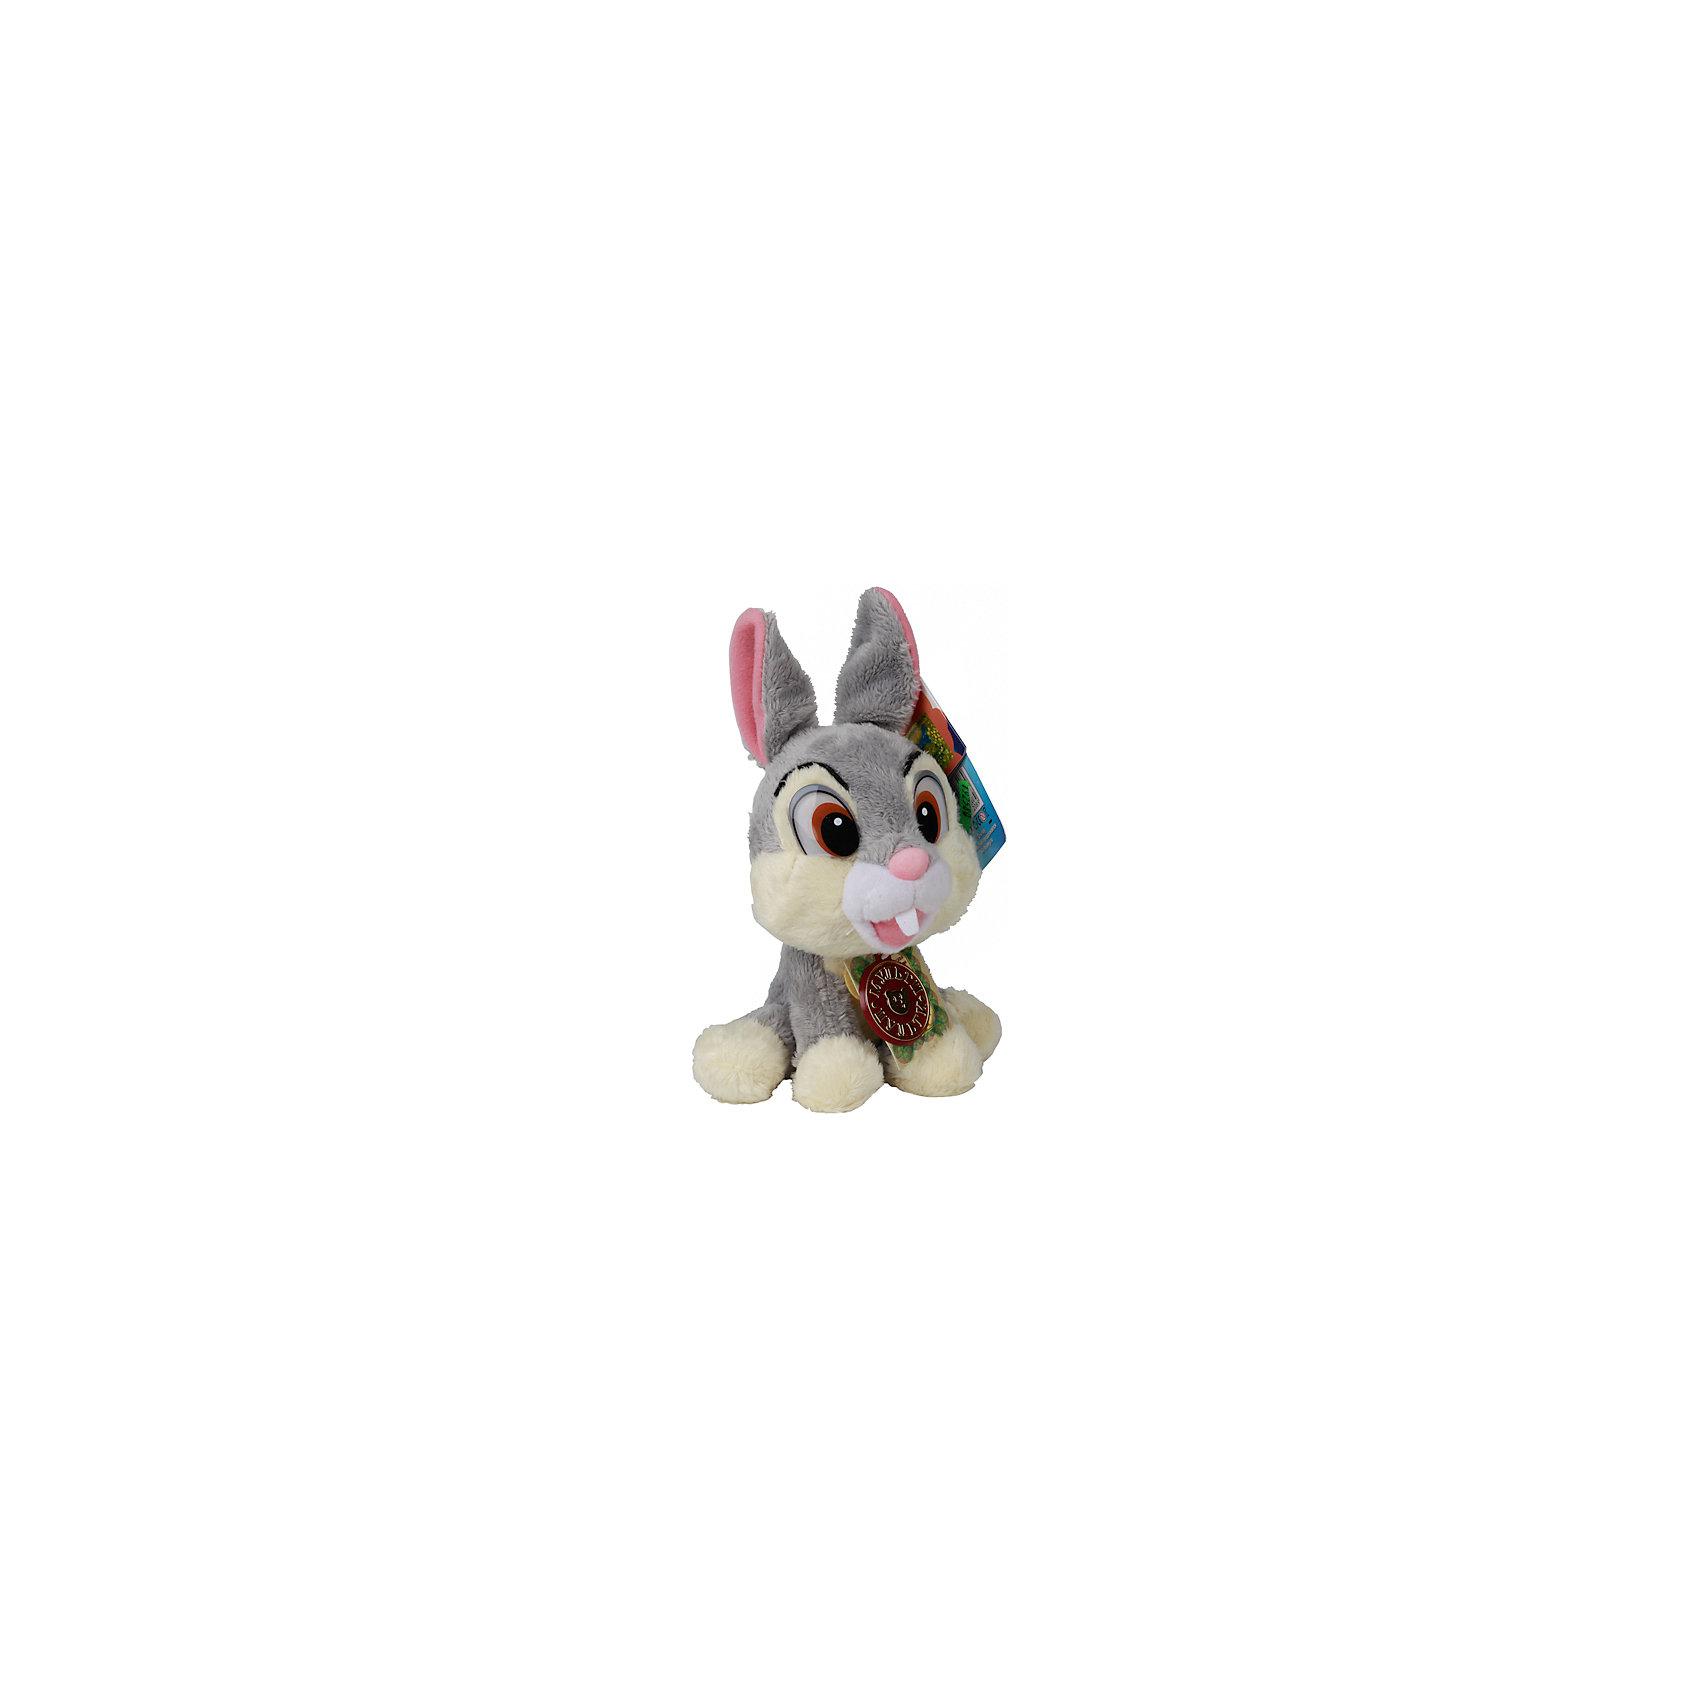 МУЛЬТИ-ПУЛЬТИ Мягкая игрушка  Заяц Топотун, со звуком, Disney, МУЛЬТИ-ПУЛЬТИ мульти пульти мягкая игрушка серый мышонок 23 см со звуком кот леопольд мульти пульти